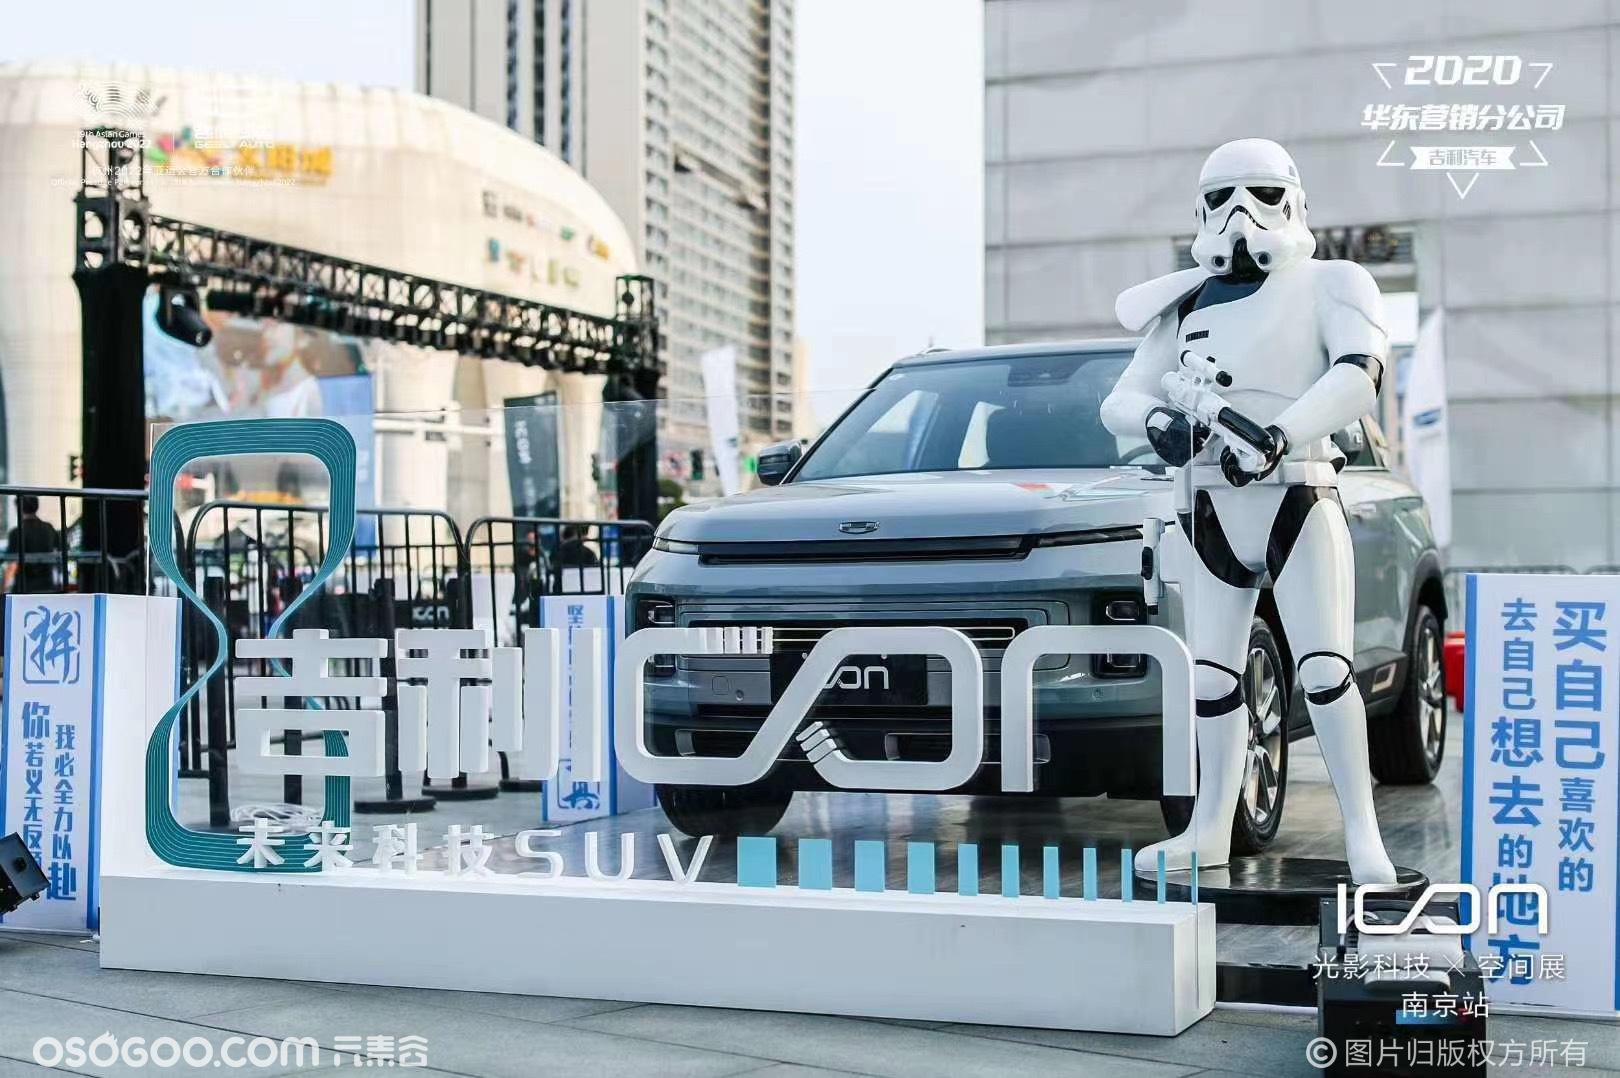 吉利汽车光影空间展-南京站